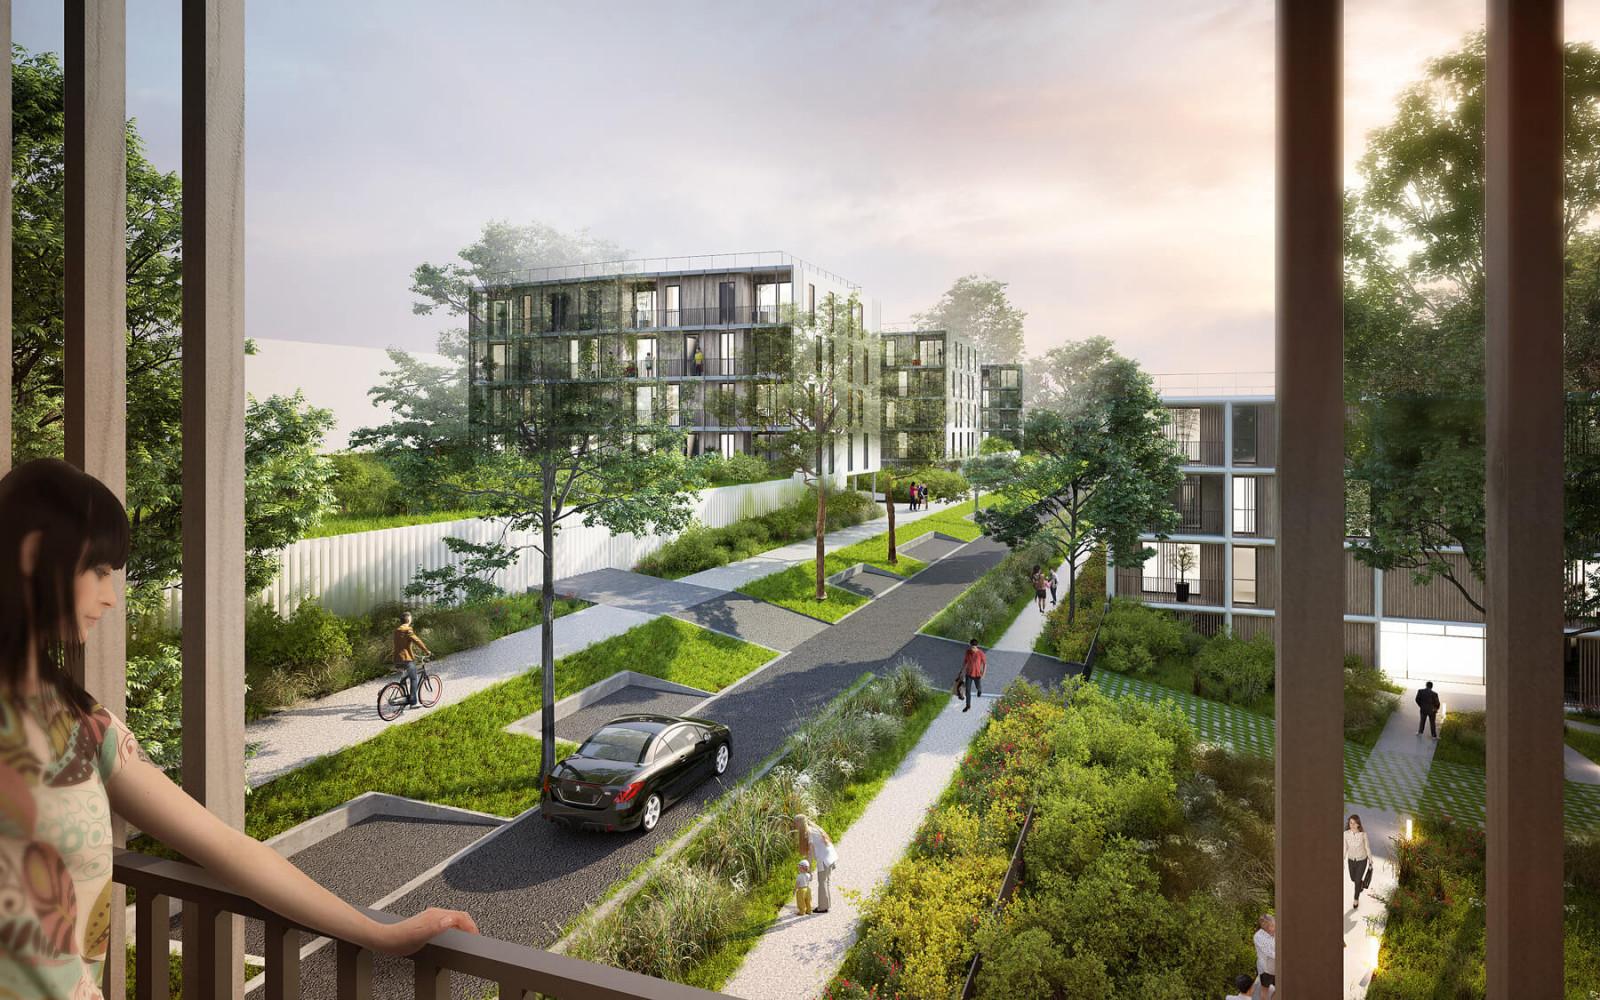 graam-coteaux-marne-02-logements-torcy-exterieur-balcon